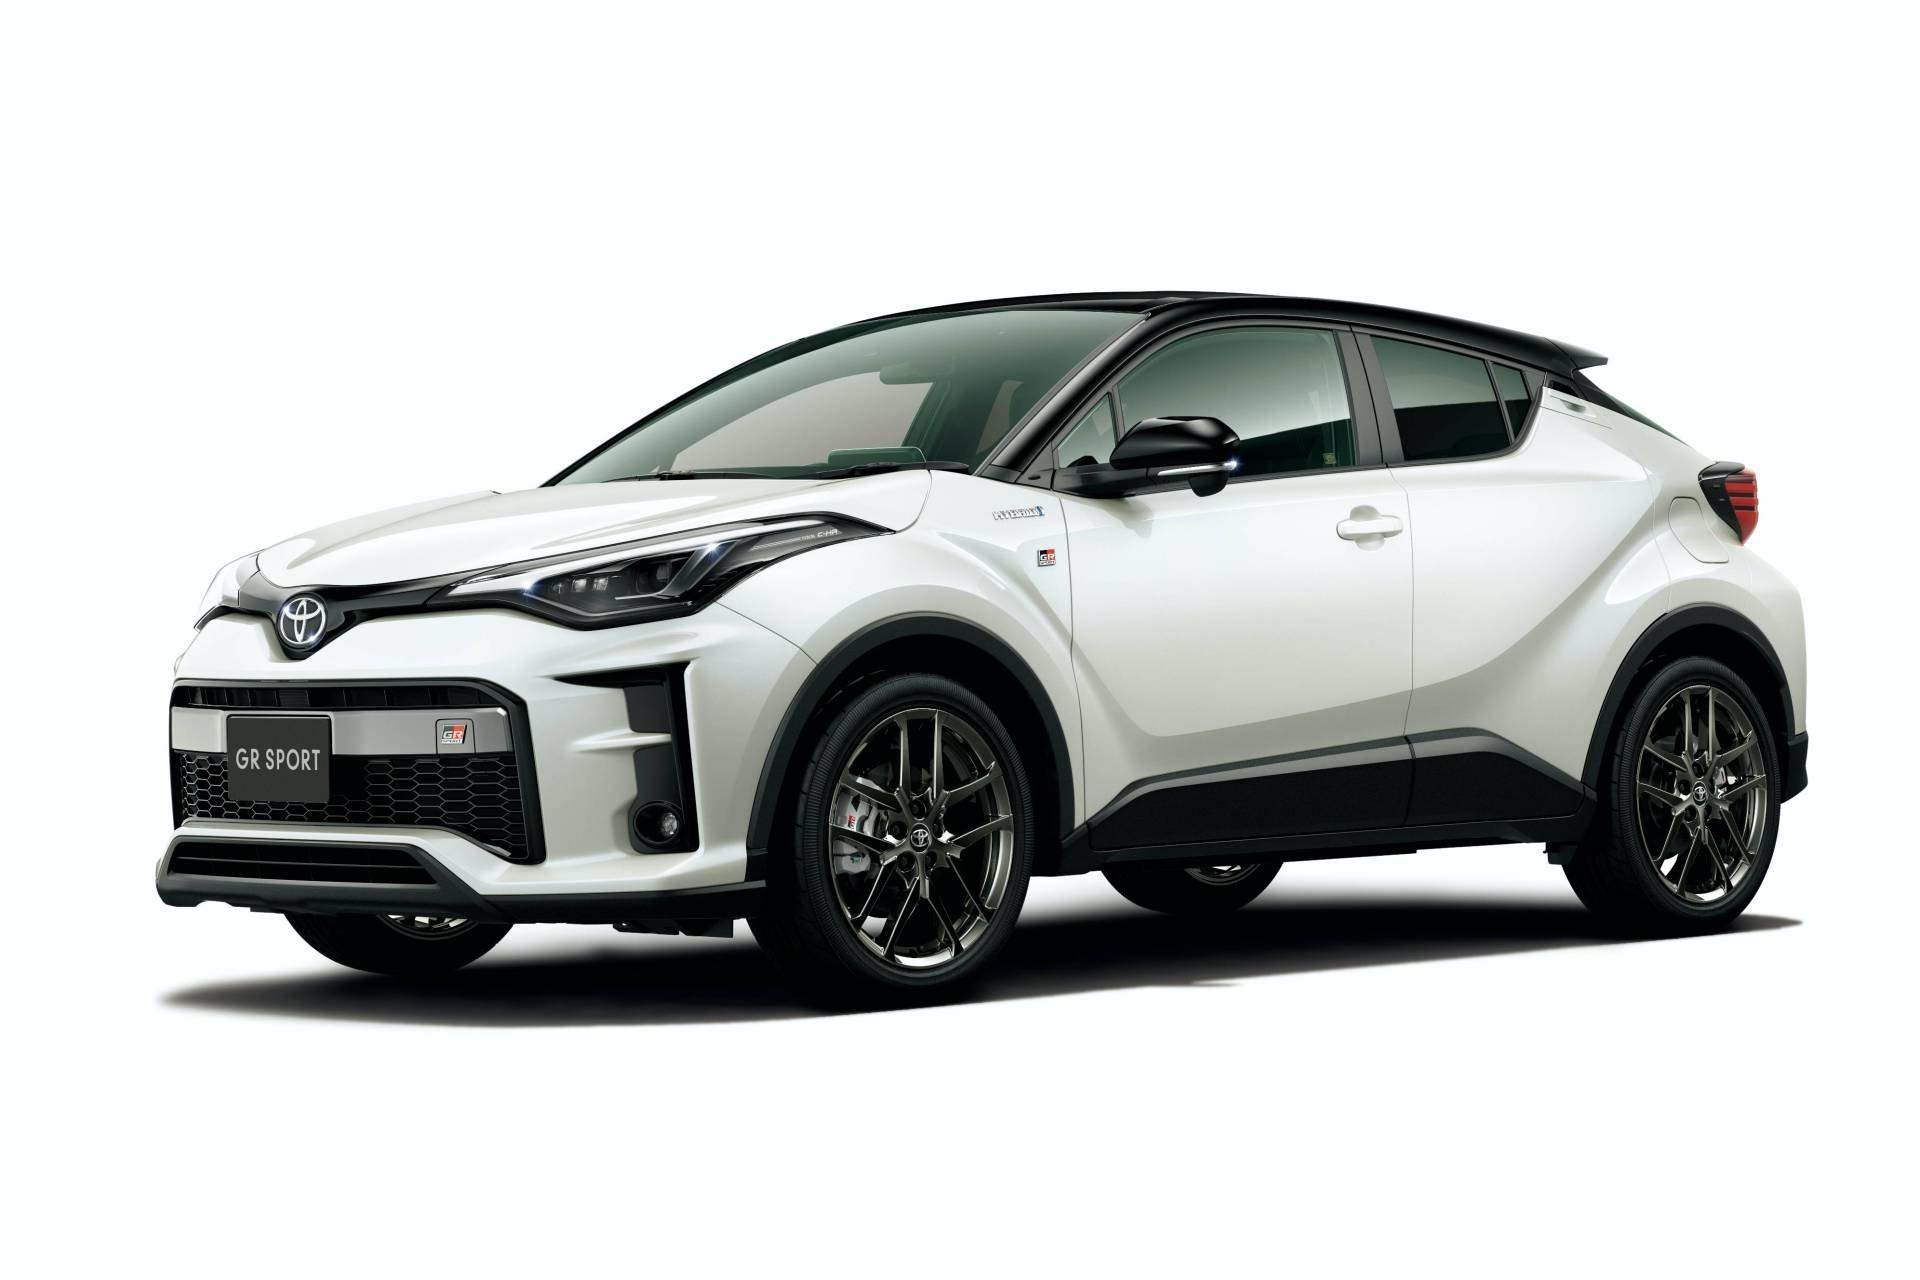 Kekurangan Toyota Chr 2020 Top Model Tahun Ini